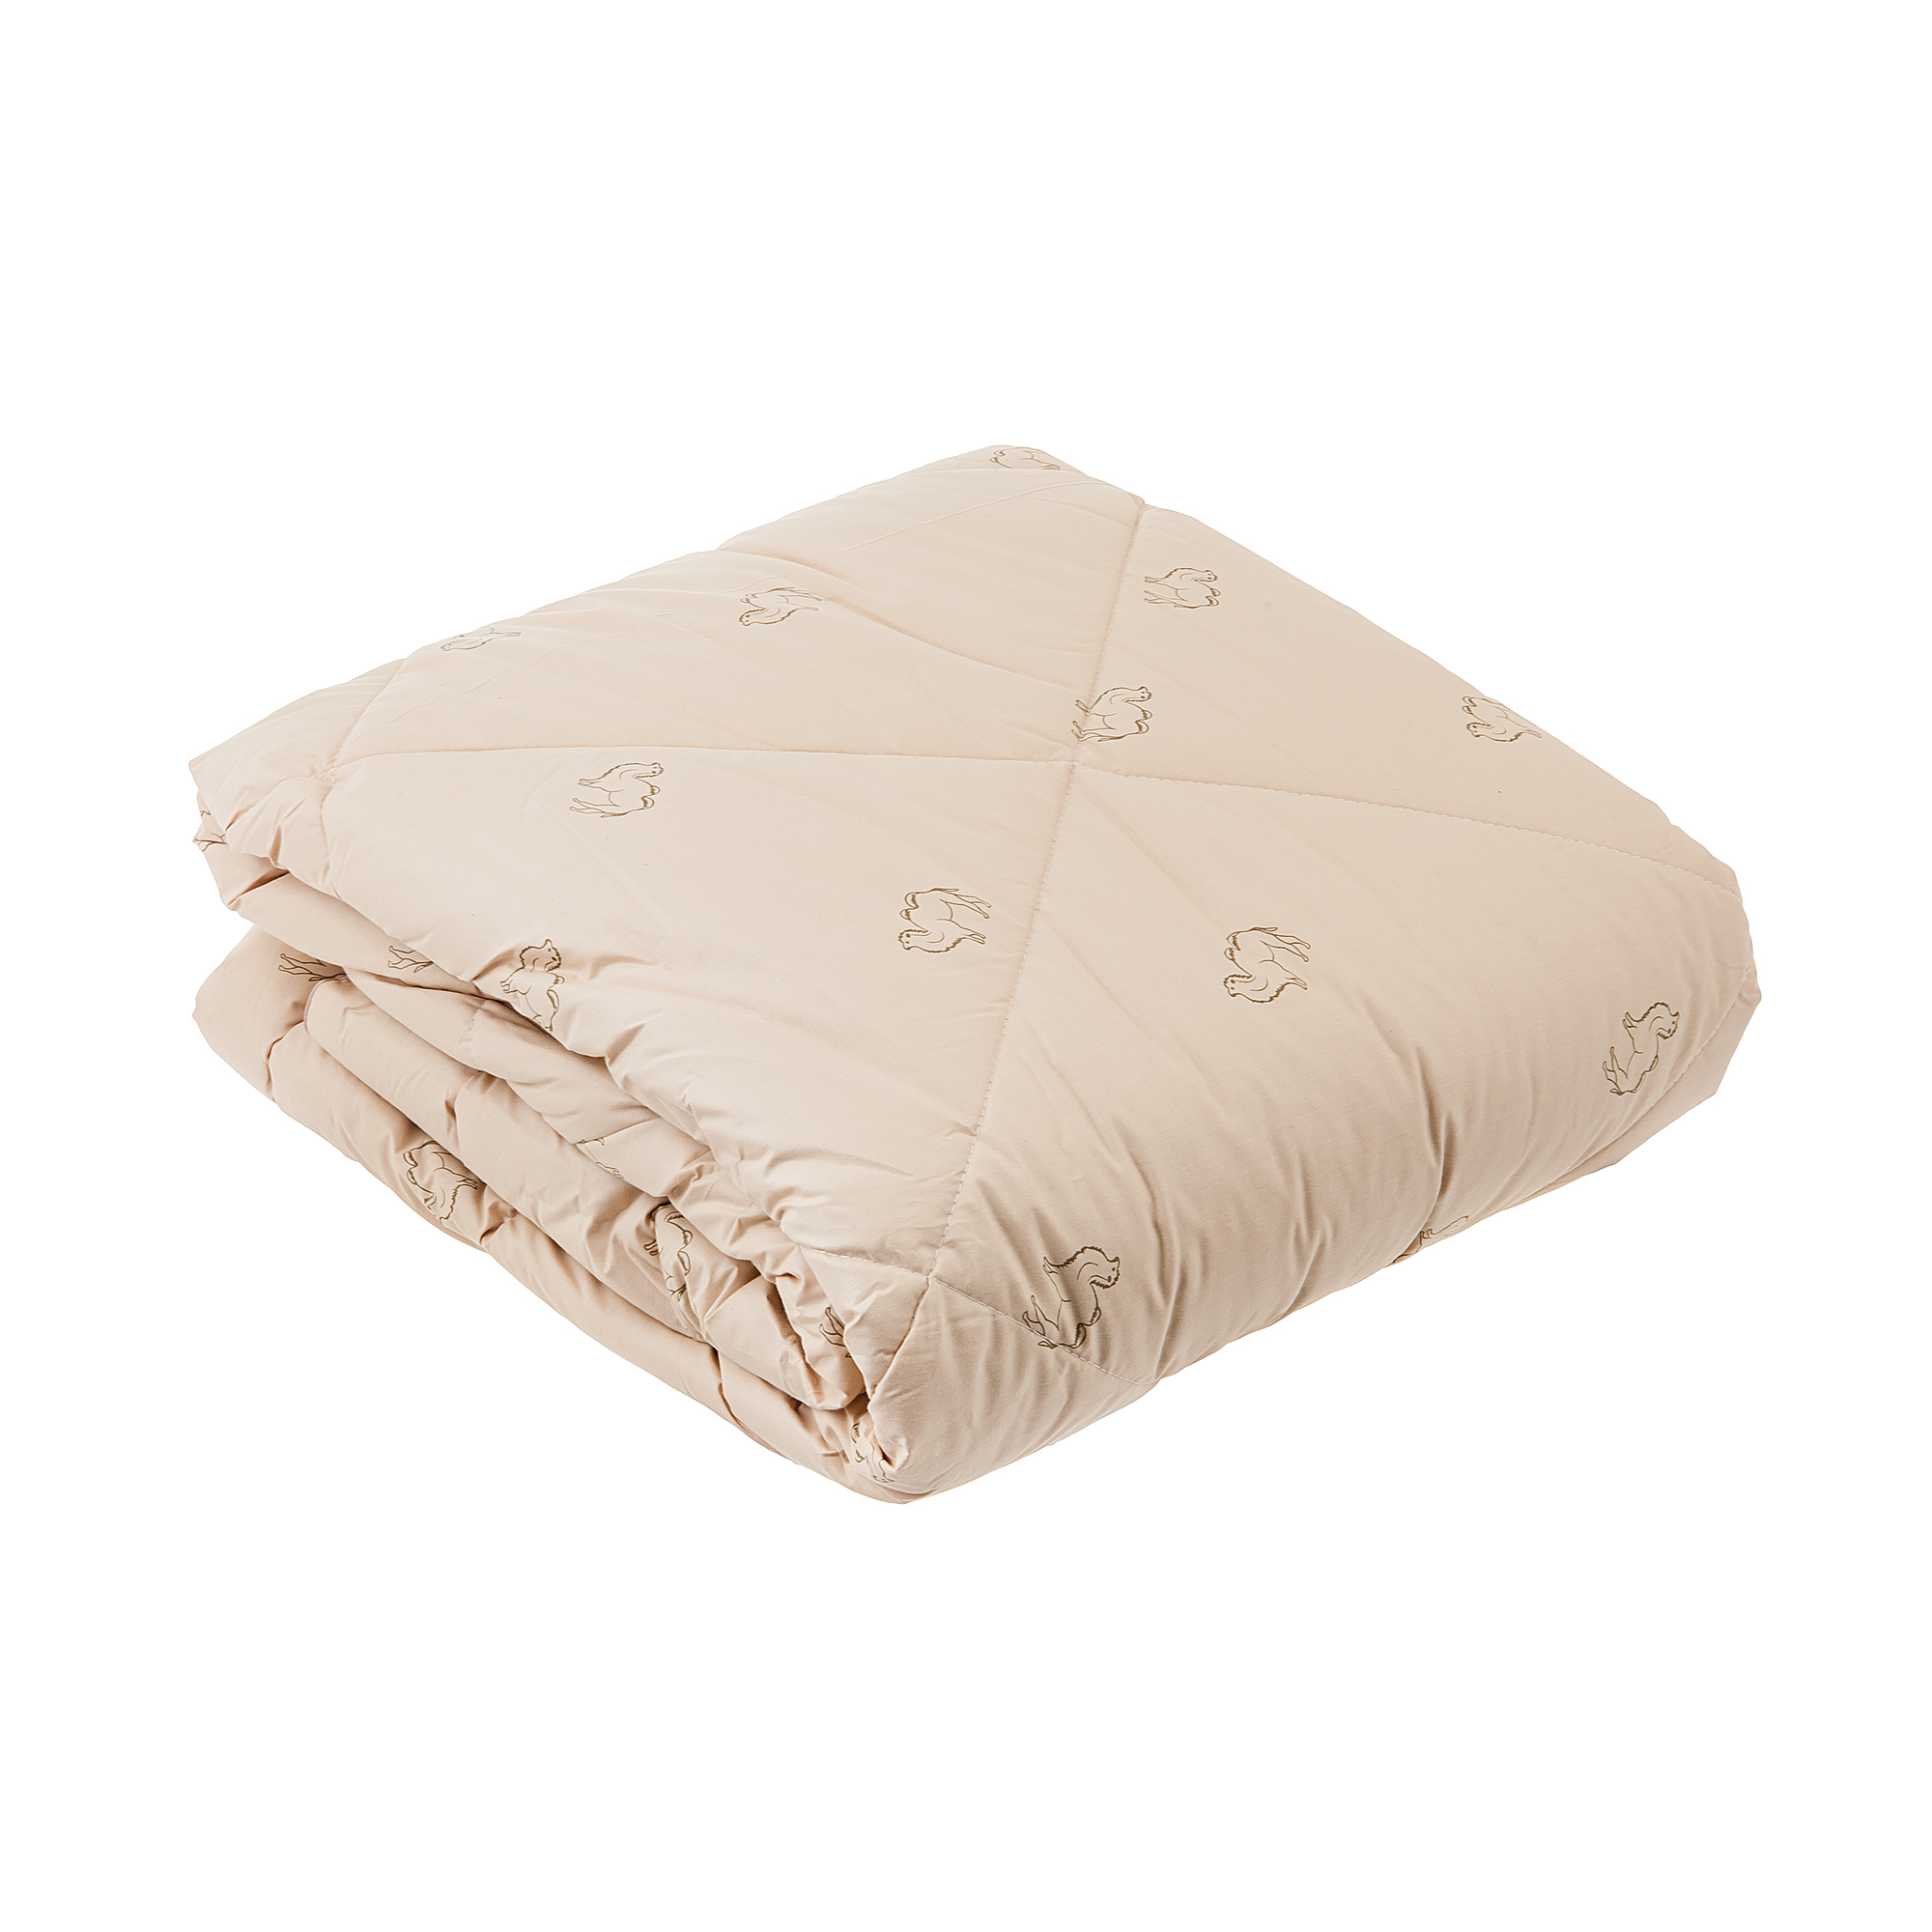 Фото - Одеяло стеганое легкое караван 140x205 Belashoff одеяло верблюжья шерсть тик с кантом 172х205 см